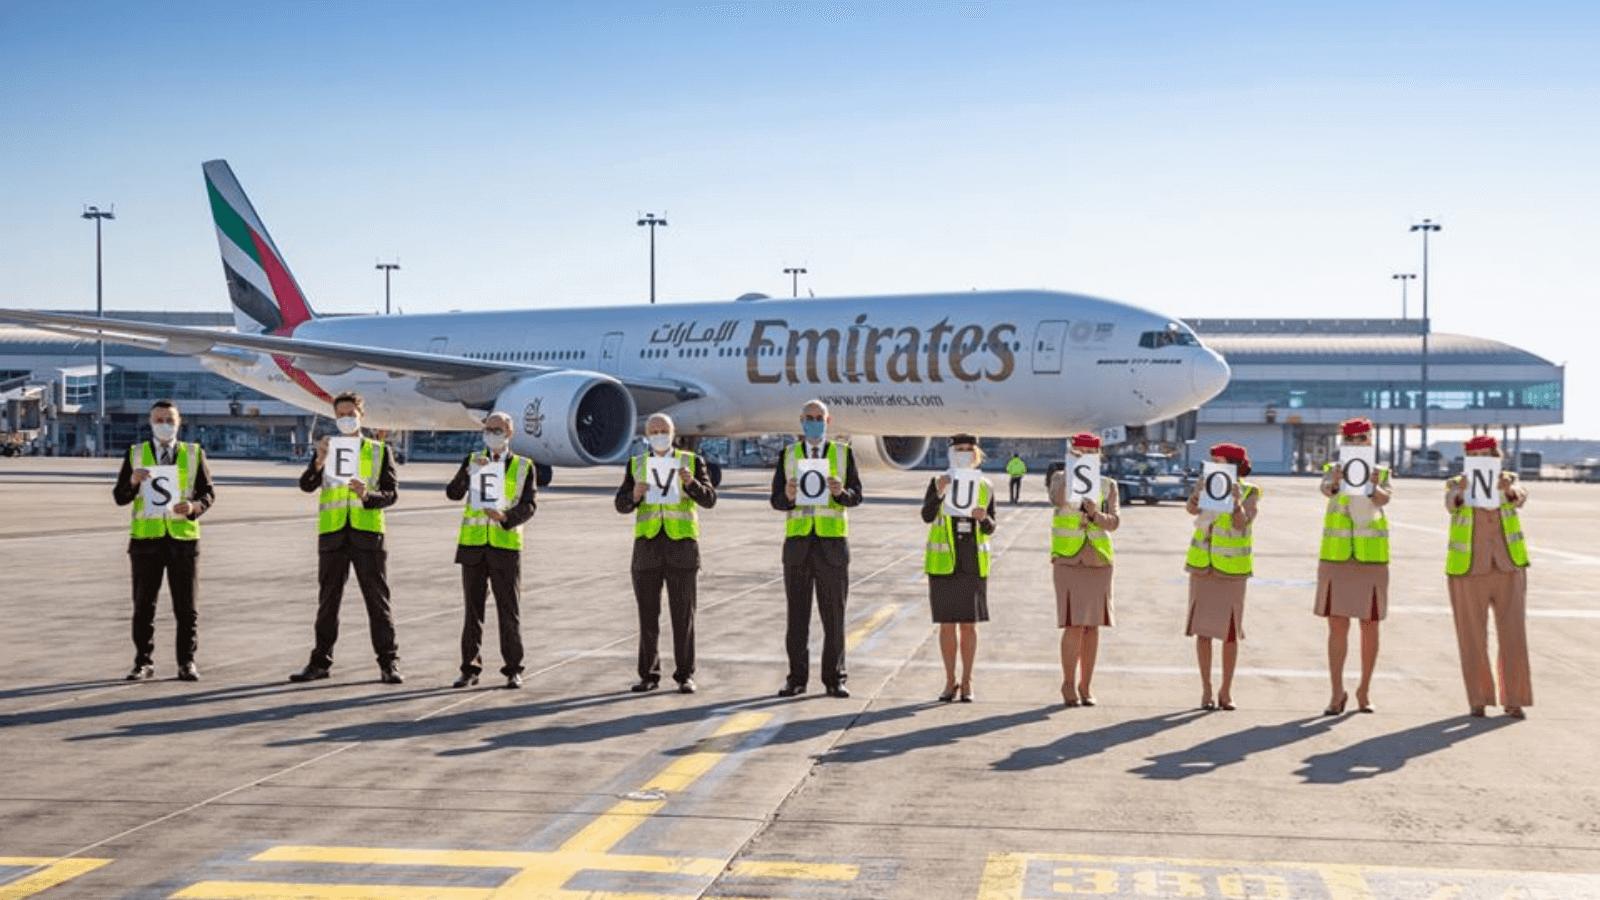 Desde distintas partes del mundo, Emirates dice 'Hasta pronto' y anuncia la suspensión temporaria de todos sus vuelos 1